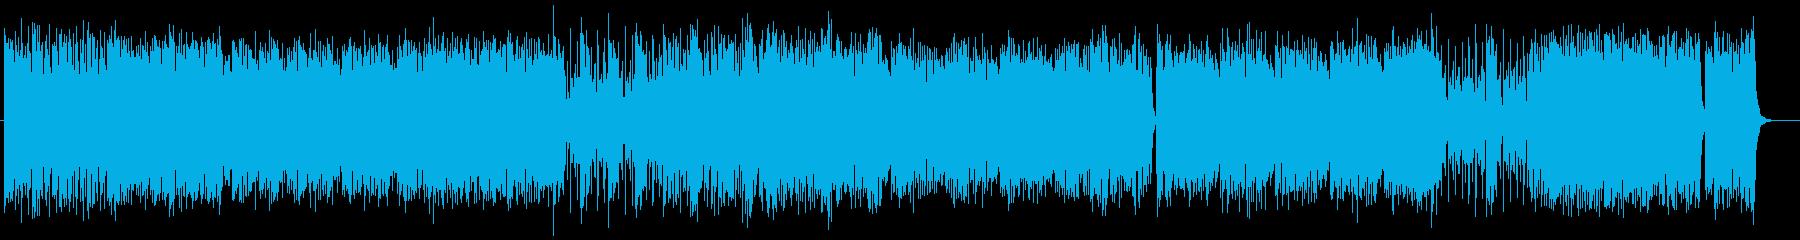 爽快アップテンポなシンセサイザーサウンドの再生済みの波形